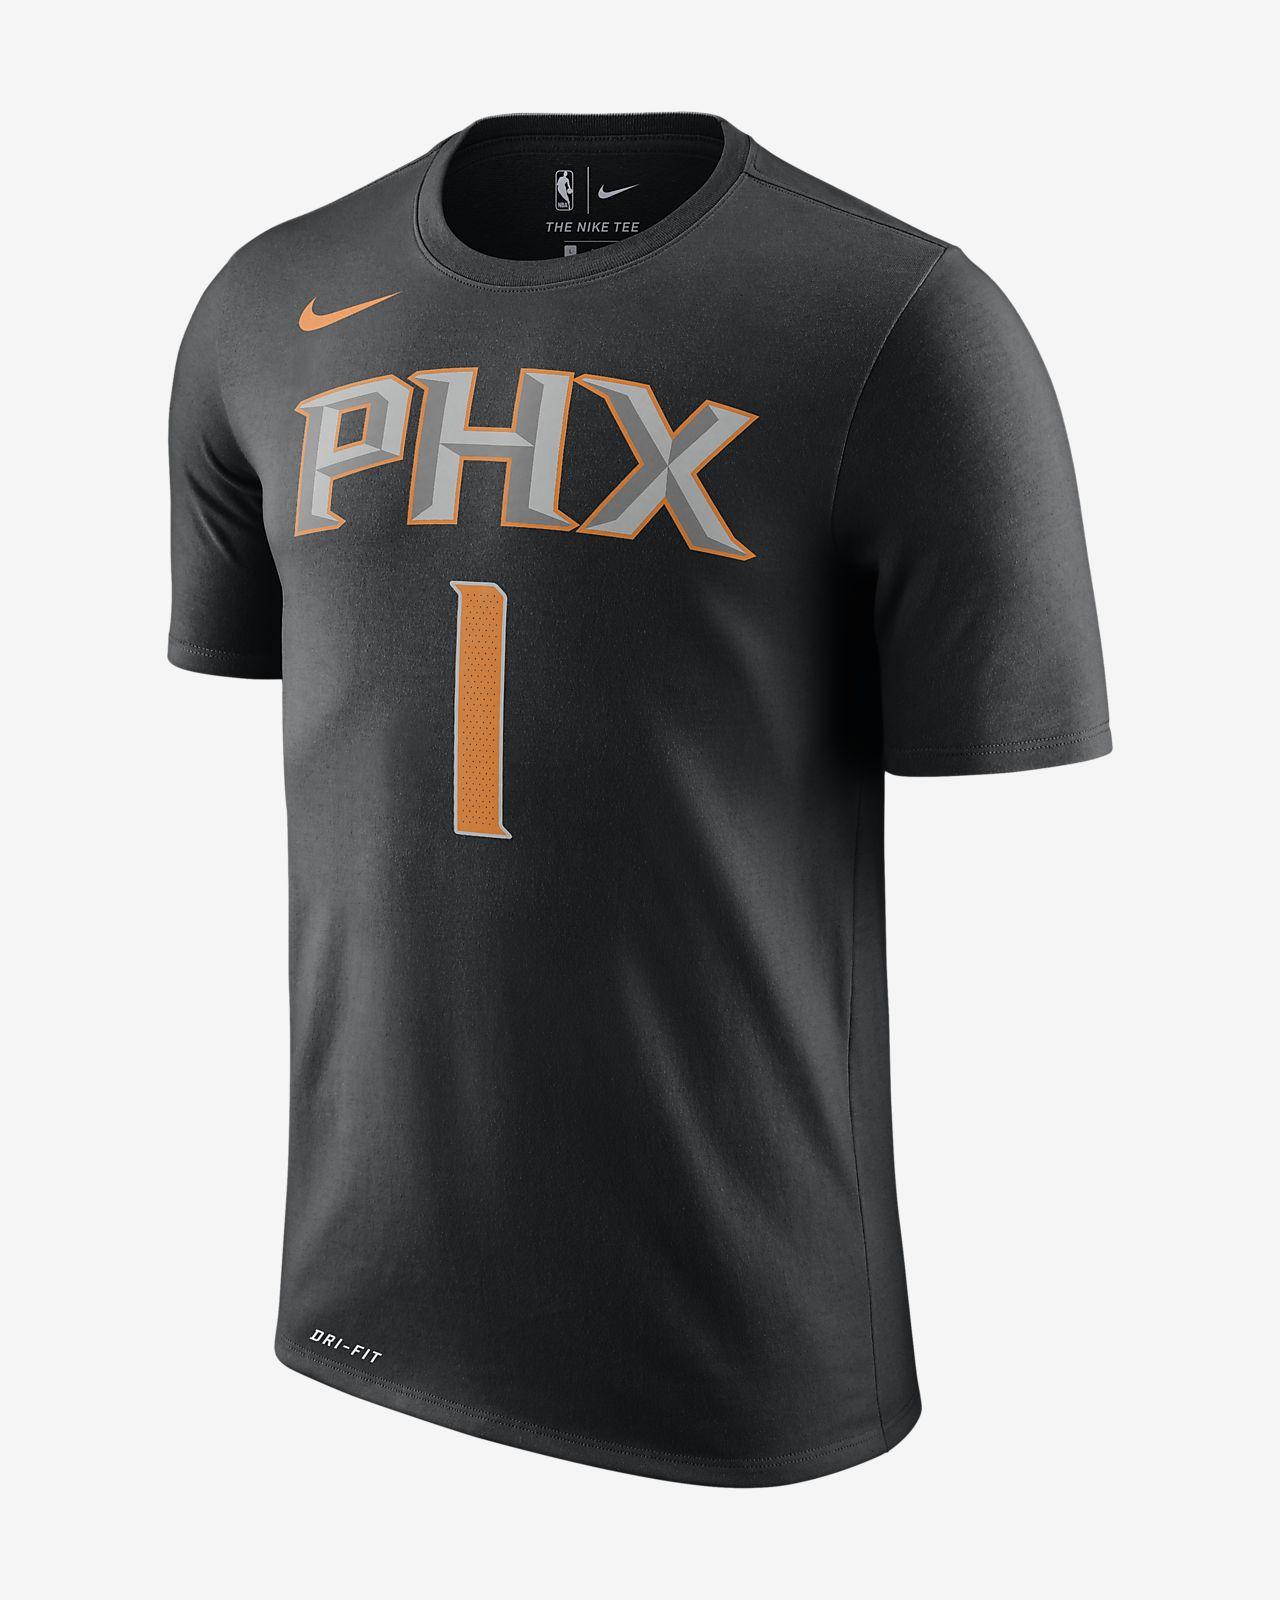 菲尼克斯太阳队 Nike Dri-FIT 男子 NBA T恤